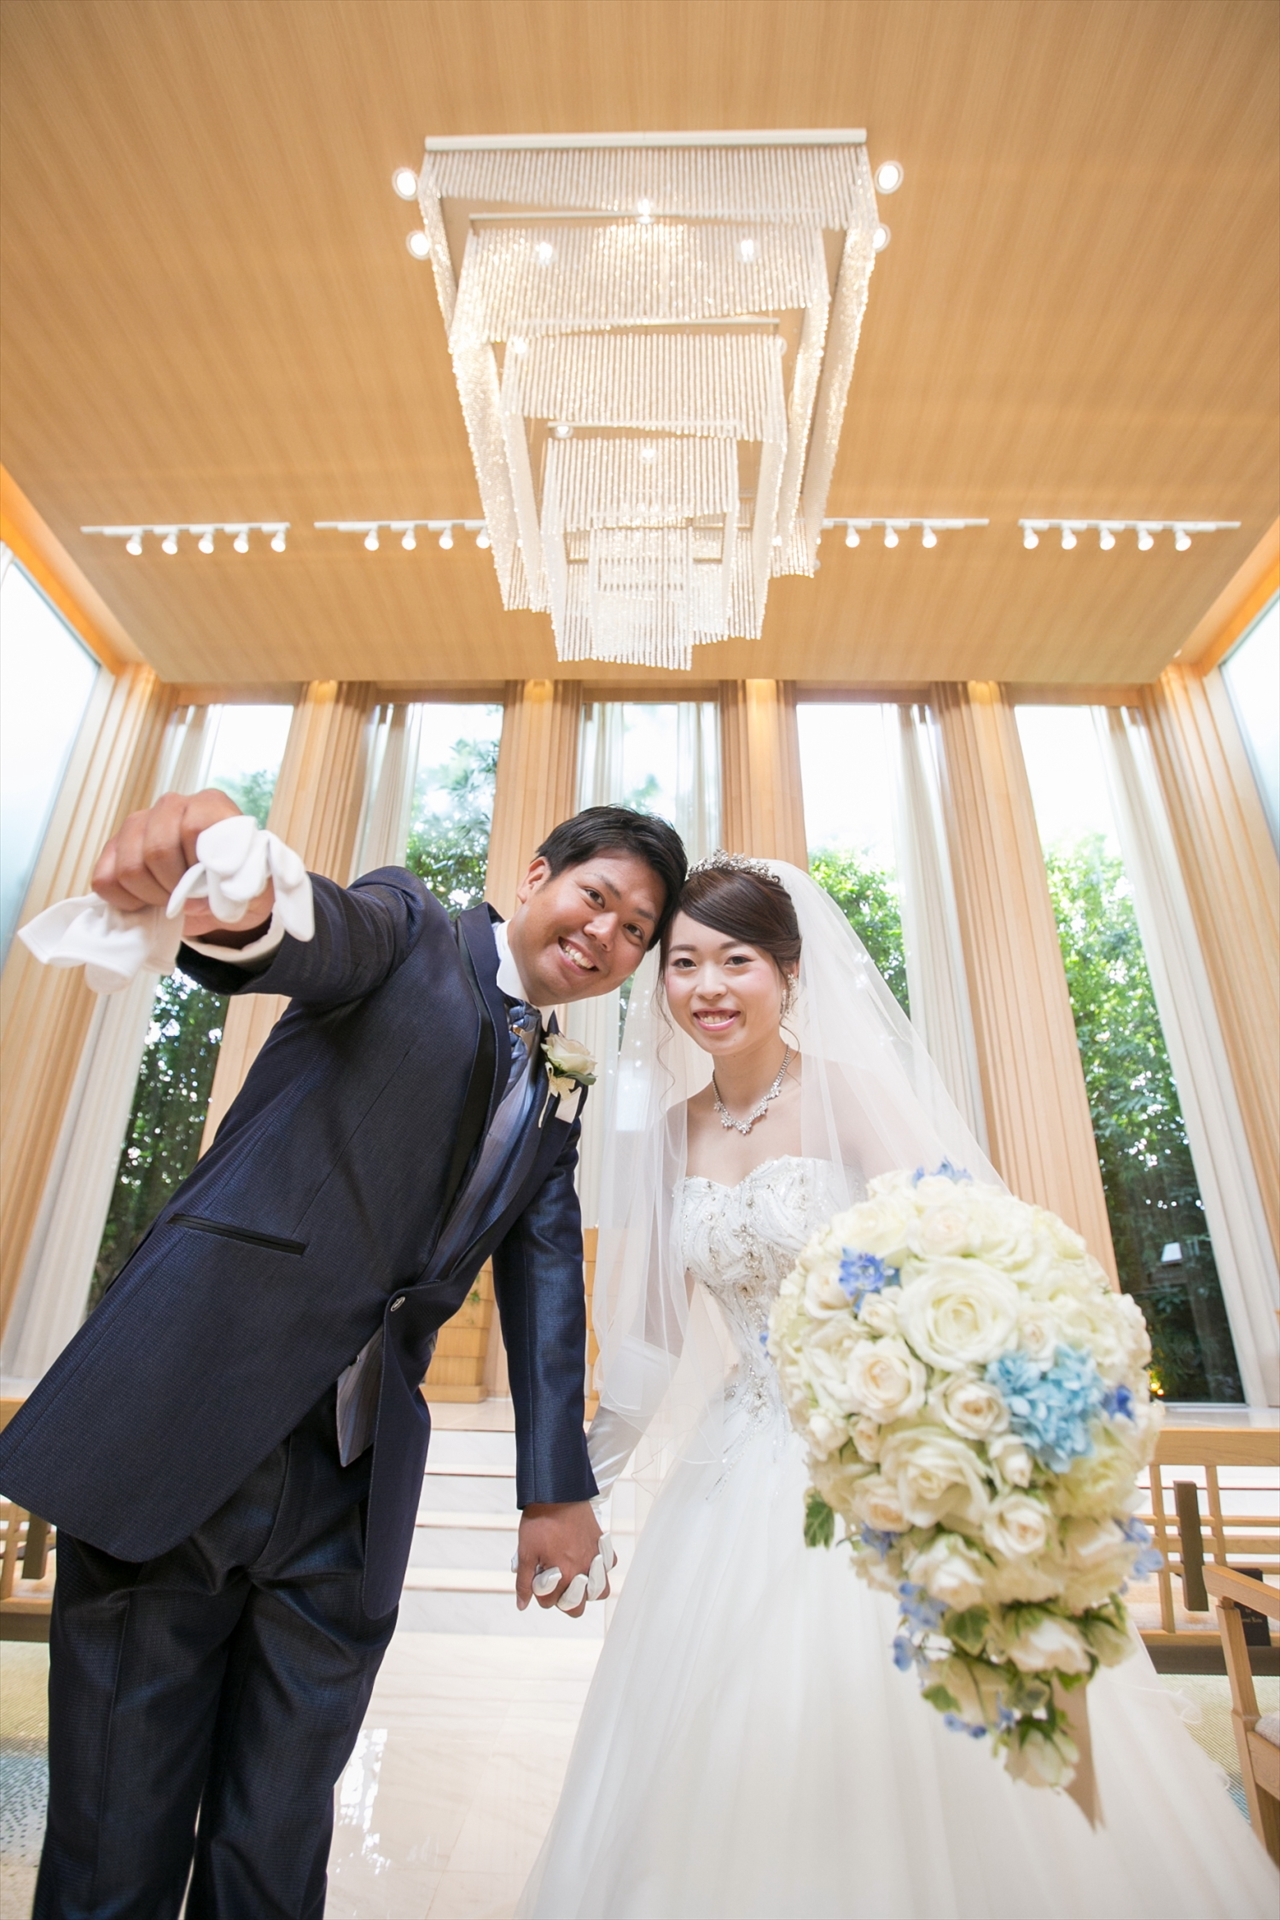 75703a3f1eb9c いつも明るく楽しくお話してくださるおふたり 結婚式もおふたりらしく笑顔いっぱい ...